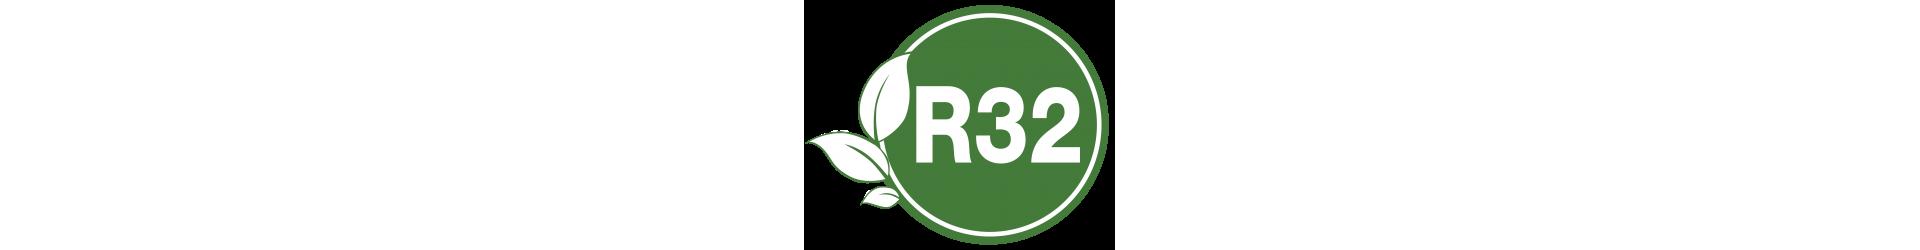 R32 Daikin